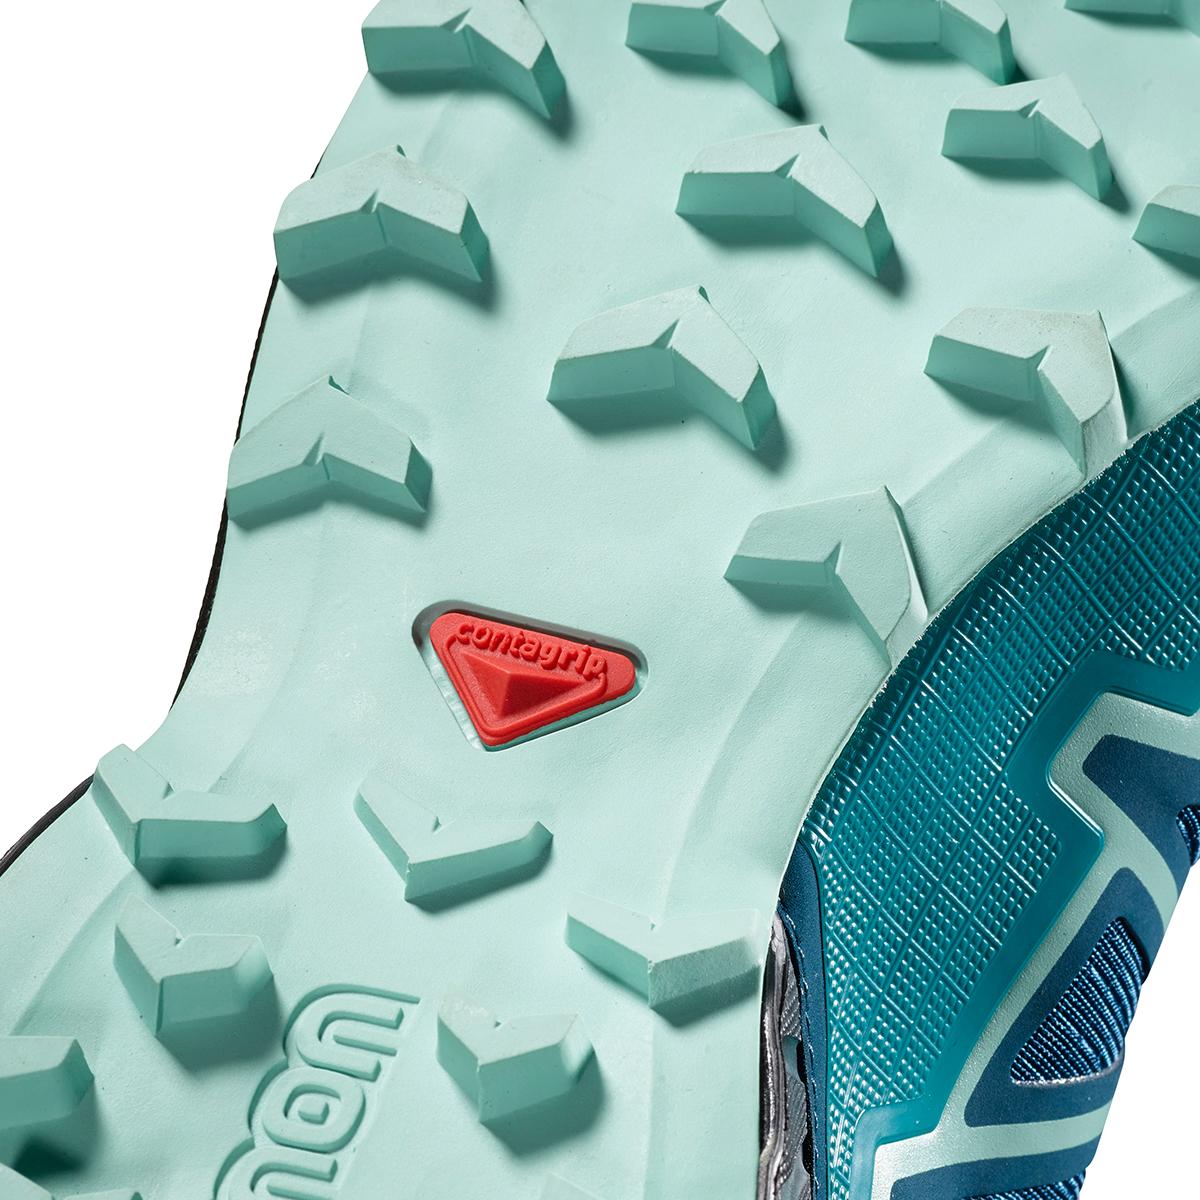 Speedcross 4 Trail Shoes, Wide